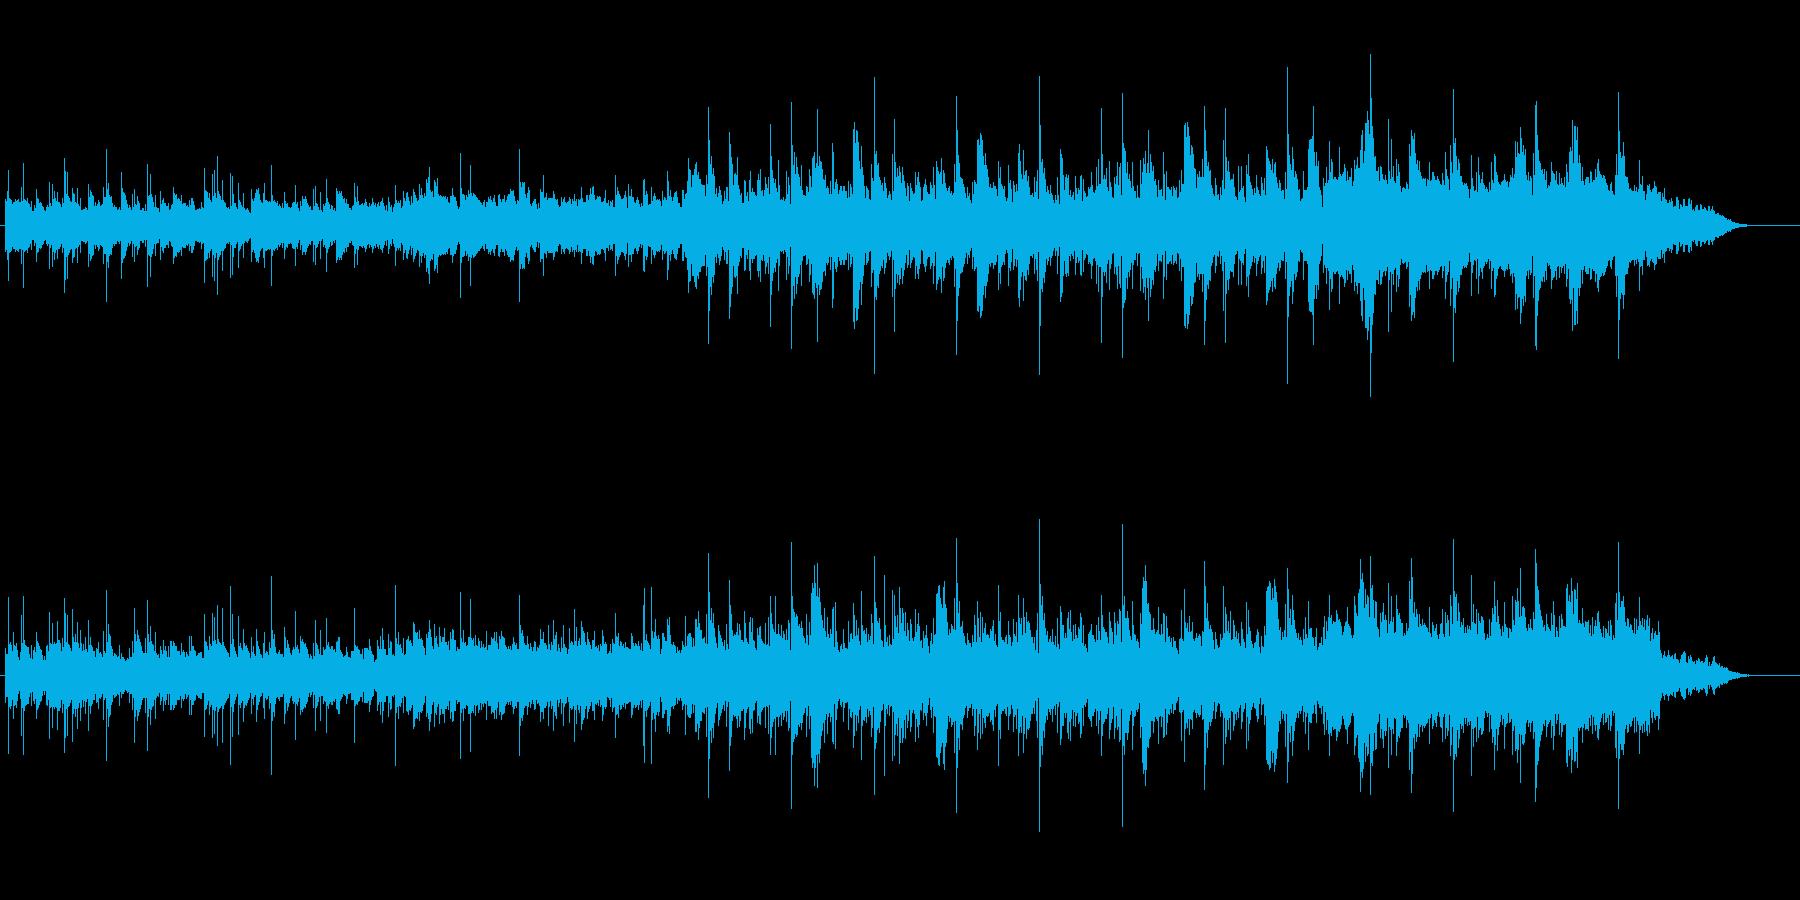 静かで幻想的、神秘的なBGMの再生済みの波形